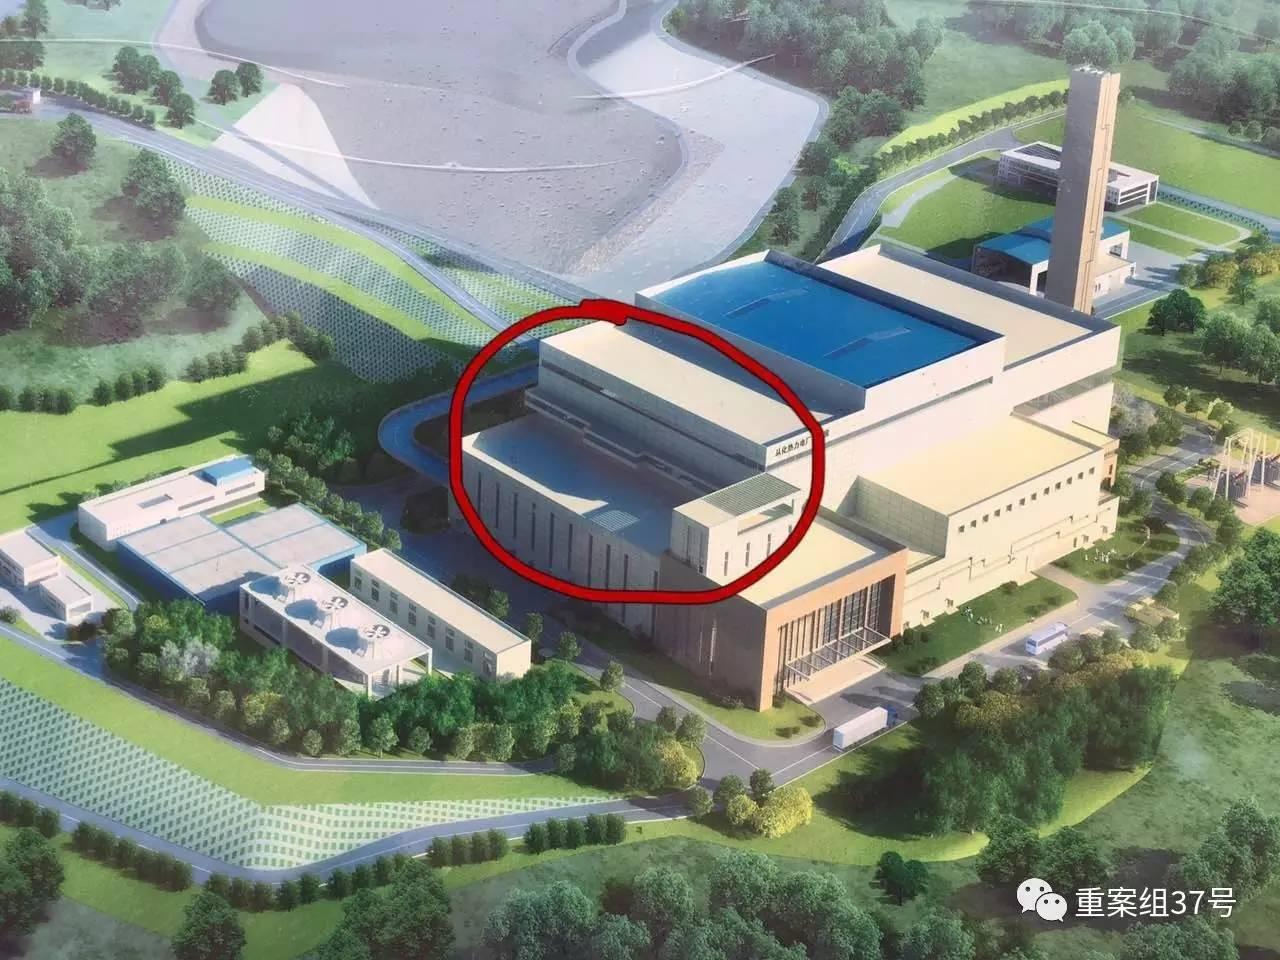 ▲在建广州第七热力发电厂效果图,红圈内为大致事发位置。  新京报记者 唐瑶 摄